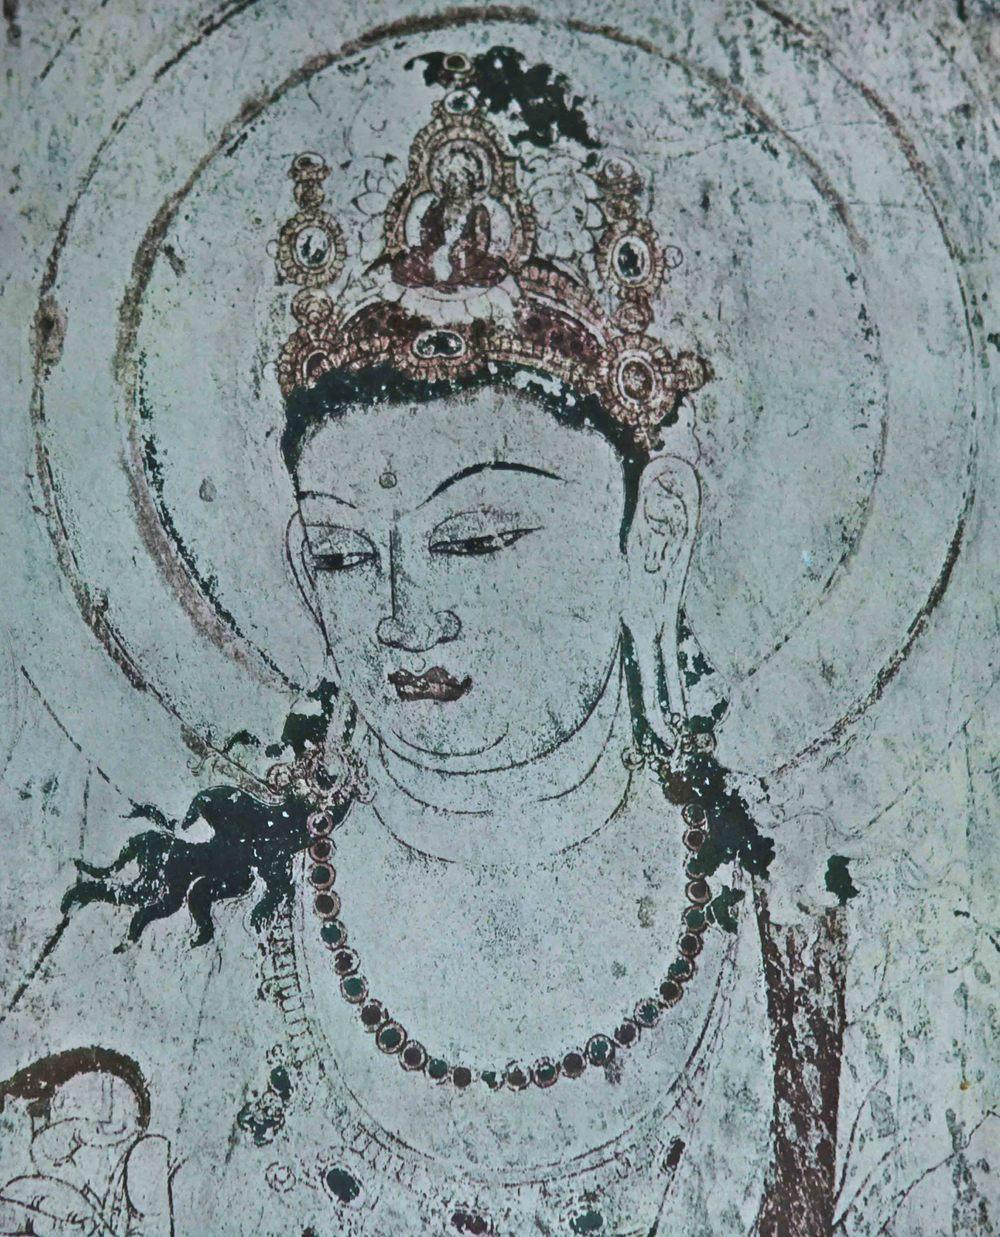 Bodhisattva - freies Sehen mit Mitgefühl